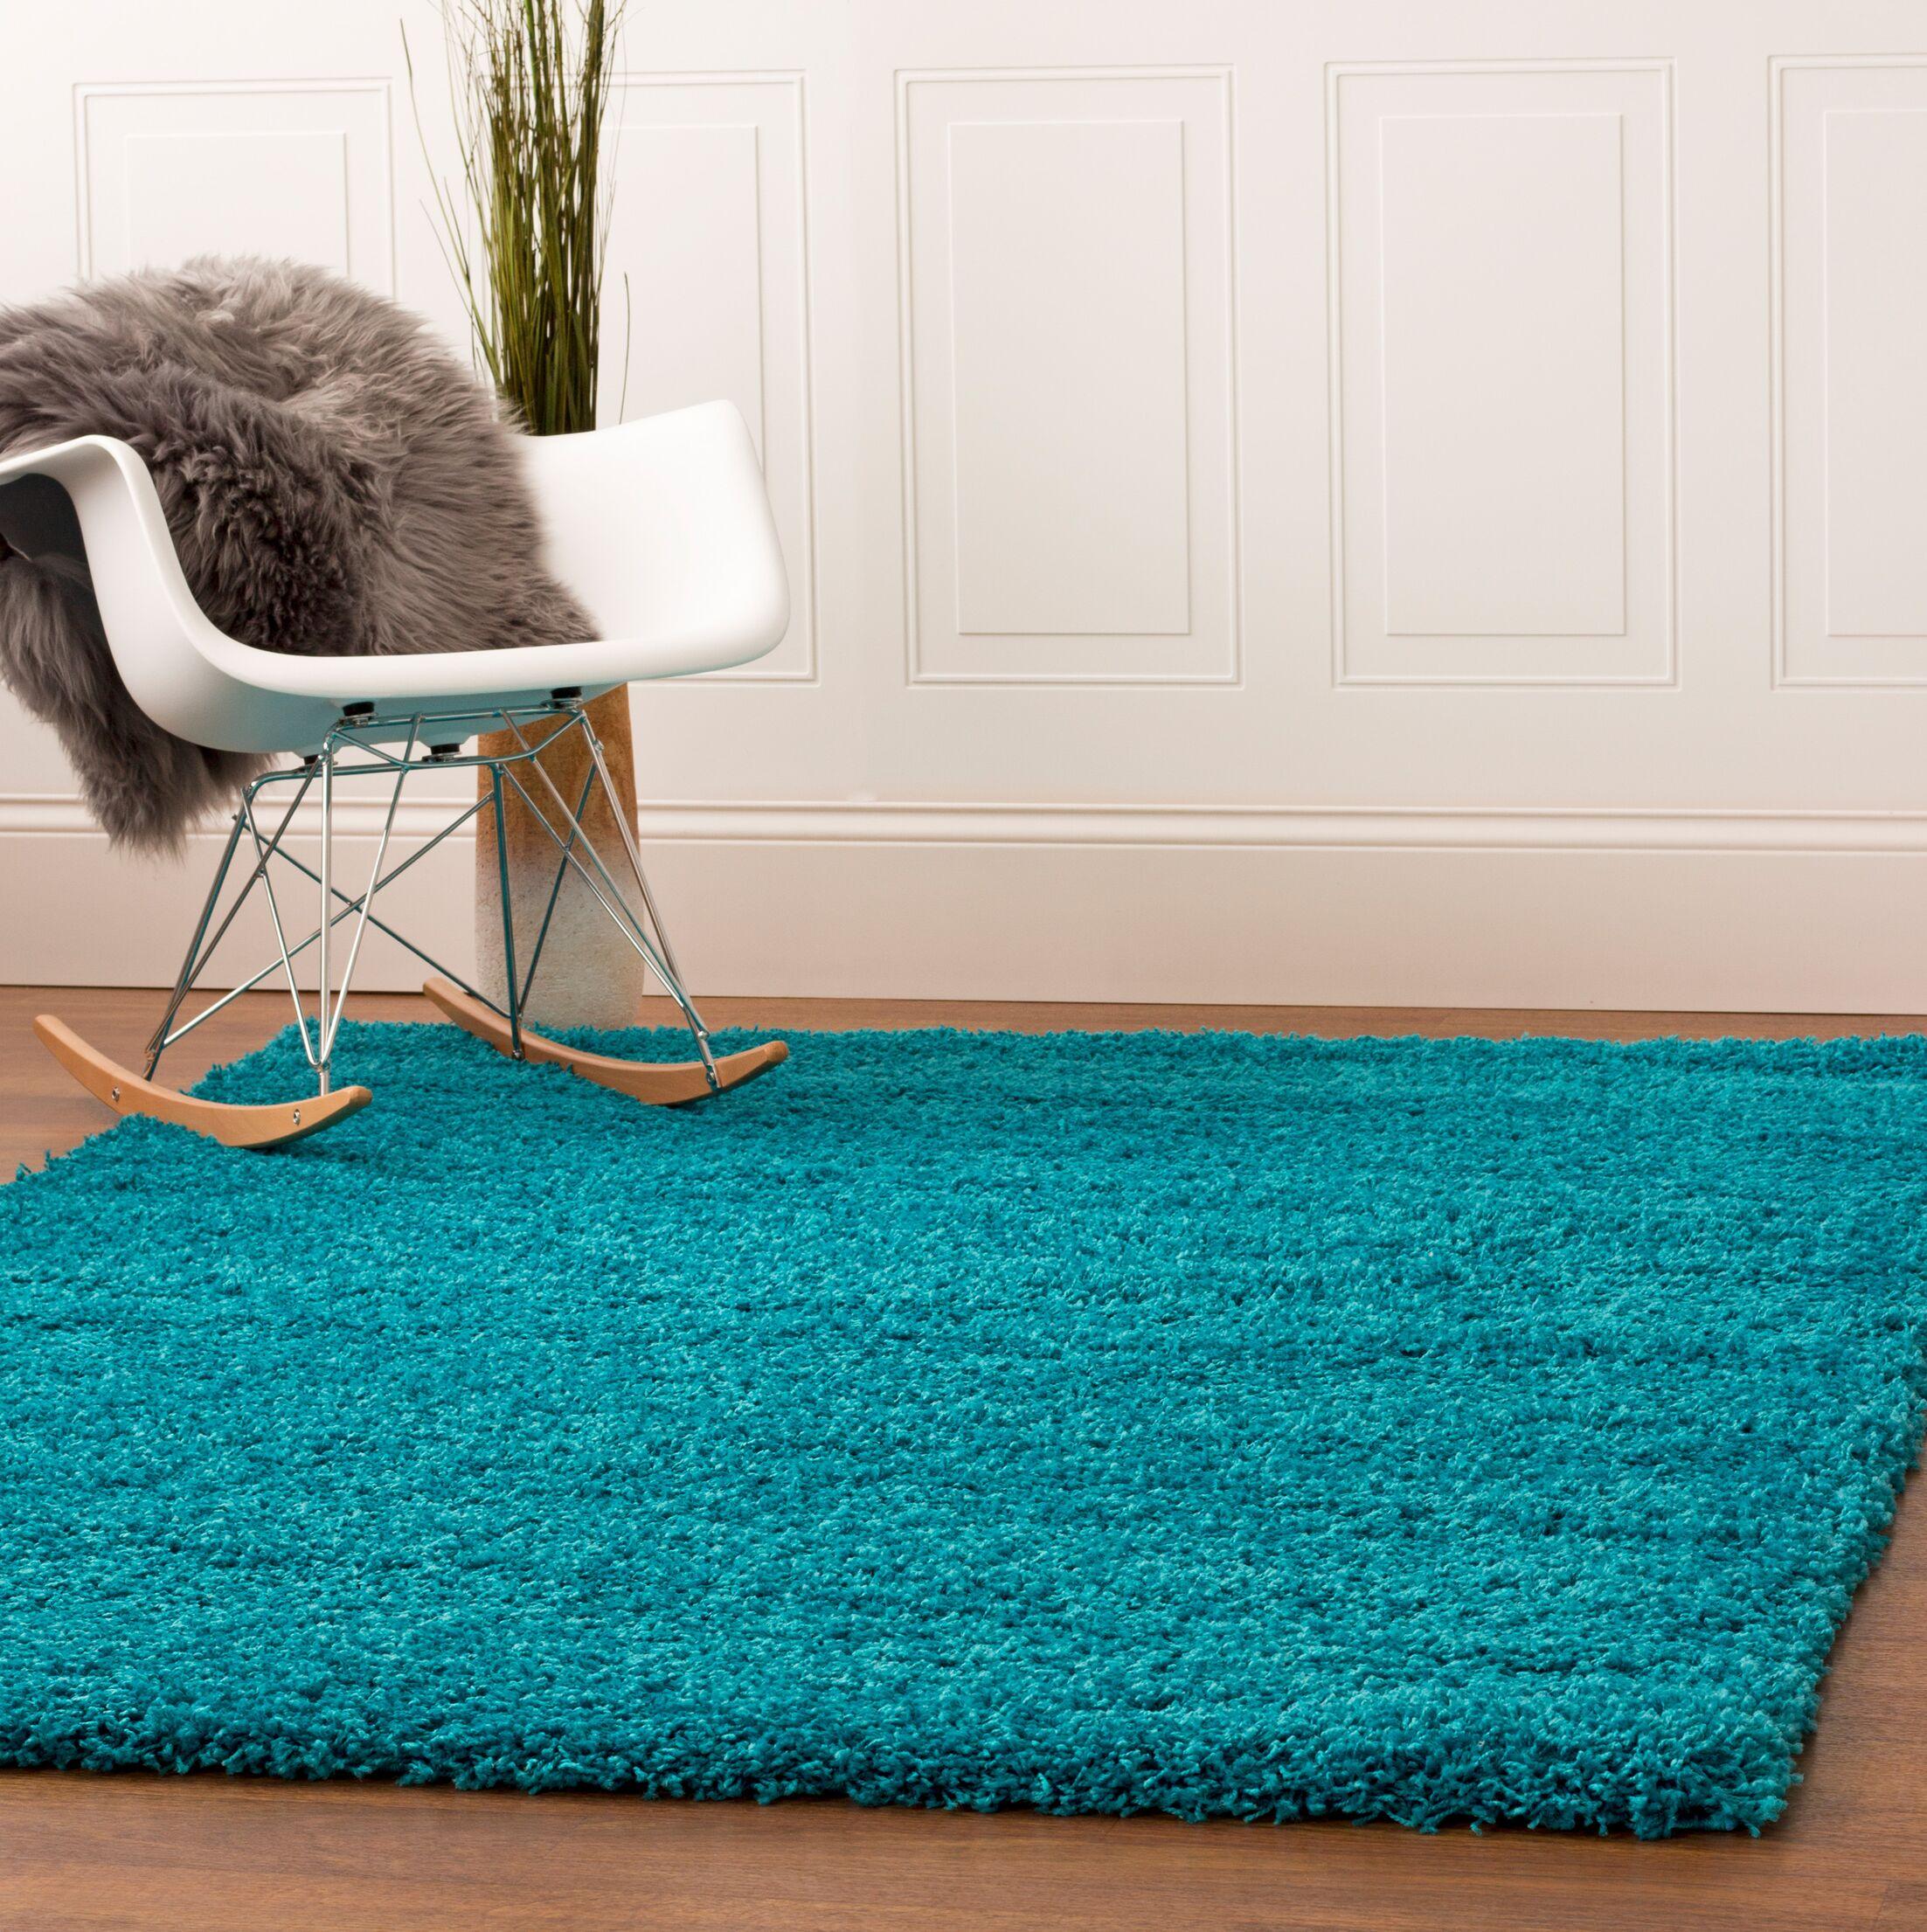 Turquoise Area Rug Rug Size: 8' x 10'